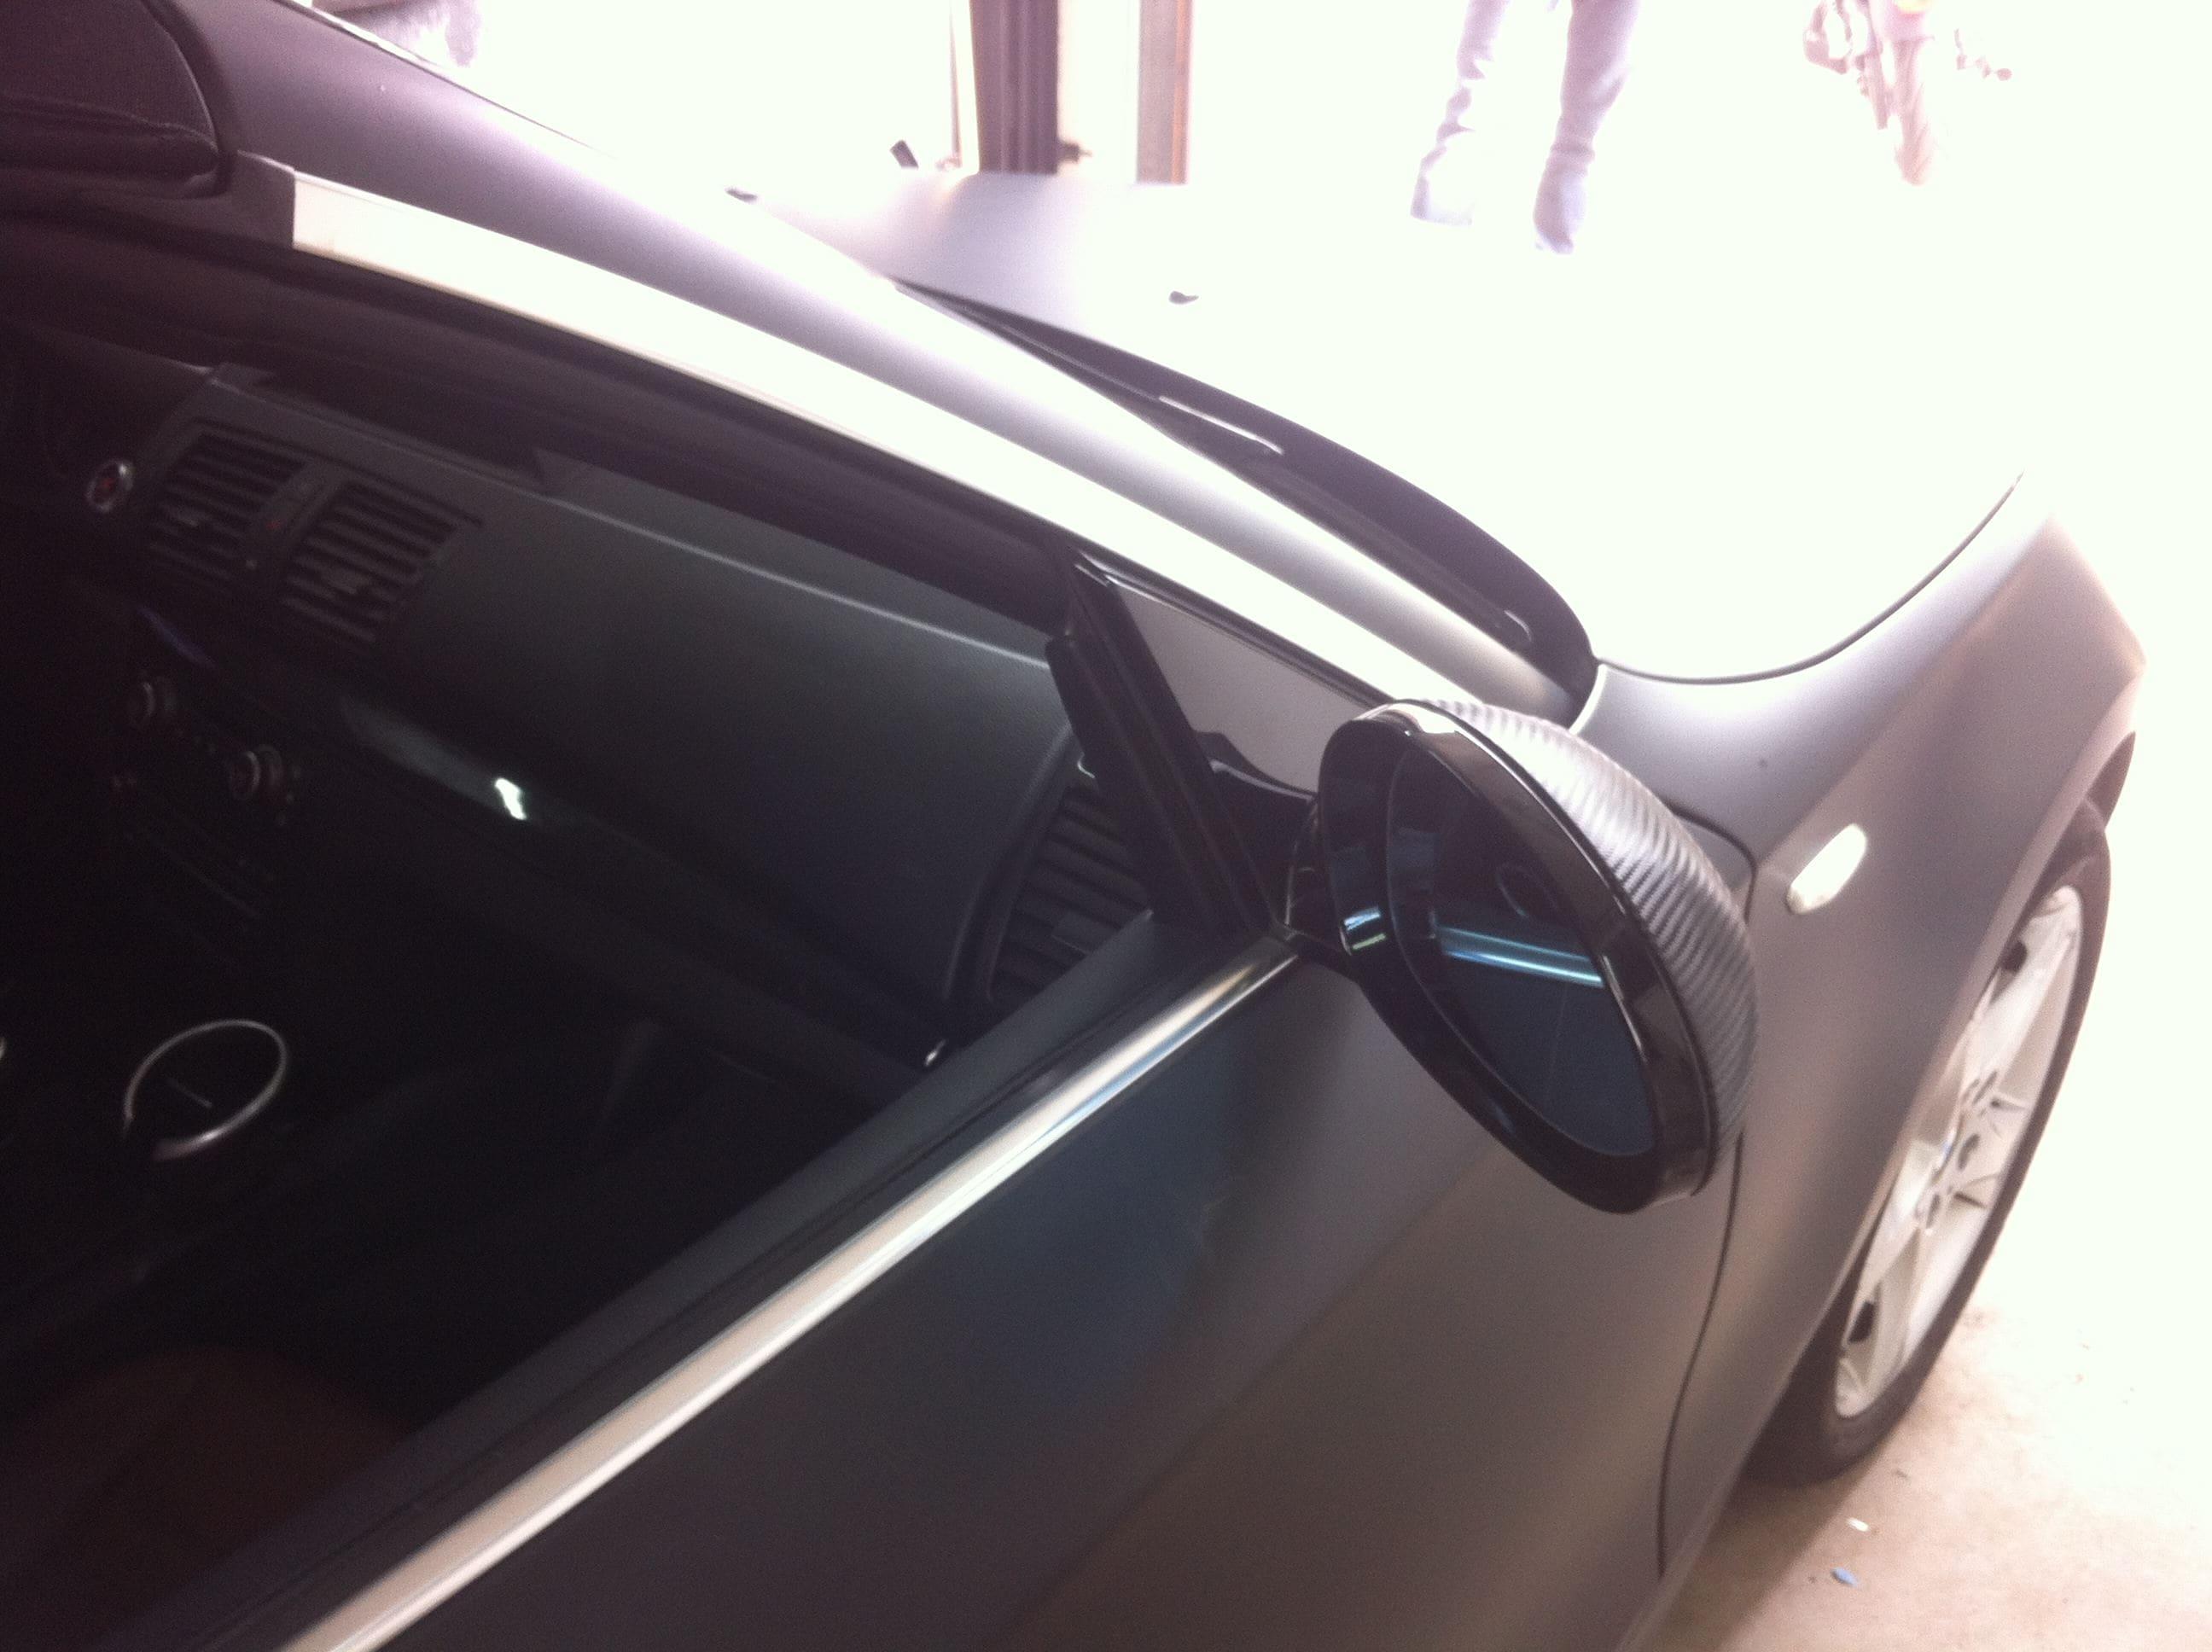 BMW 1 Serie Cabrio met Mat Zwarte Wrap, Carwrapping door Wrapmyride.nu Foto-nr:5185, ©2021